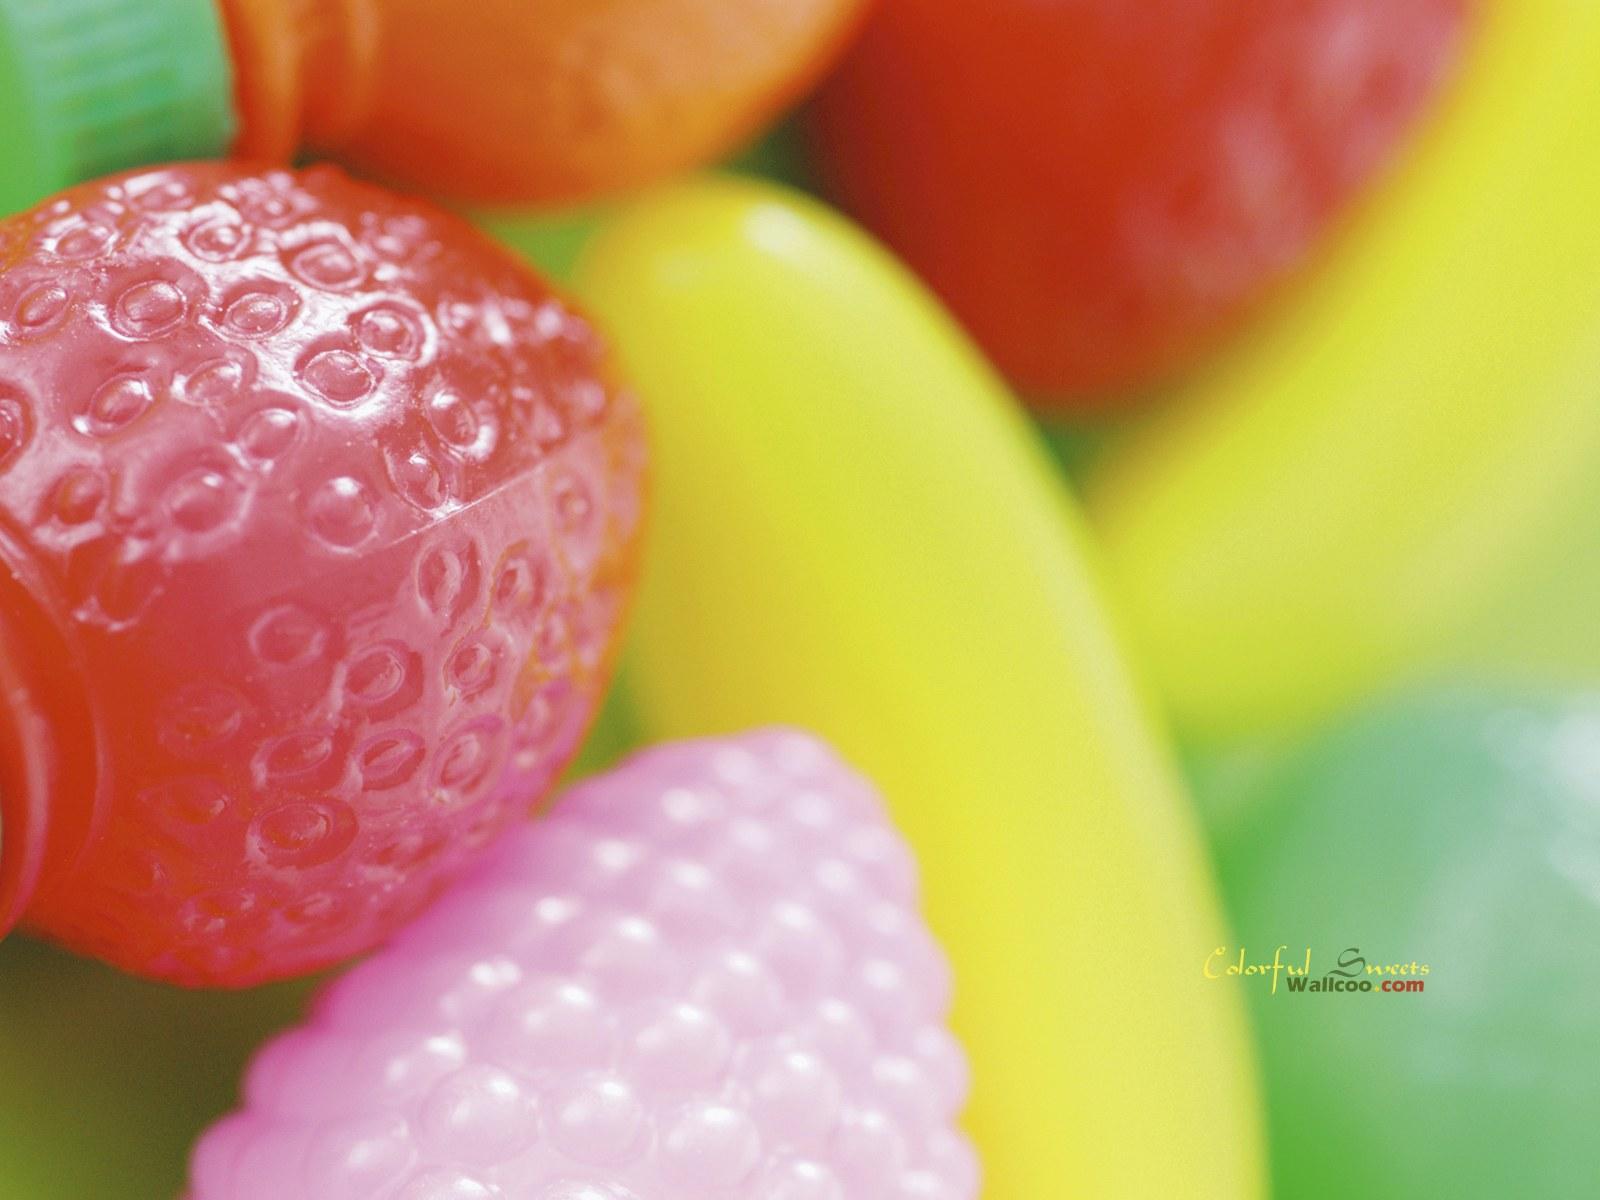 非常可爱的缤纷糖果高清背景图片素材1(25p)